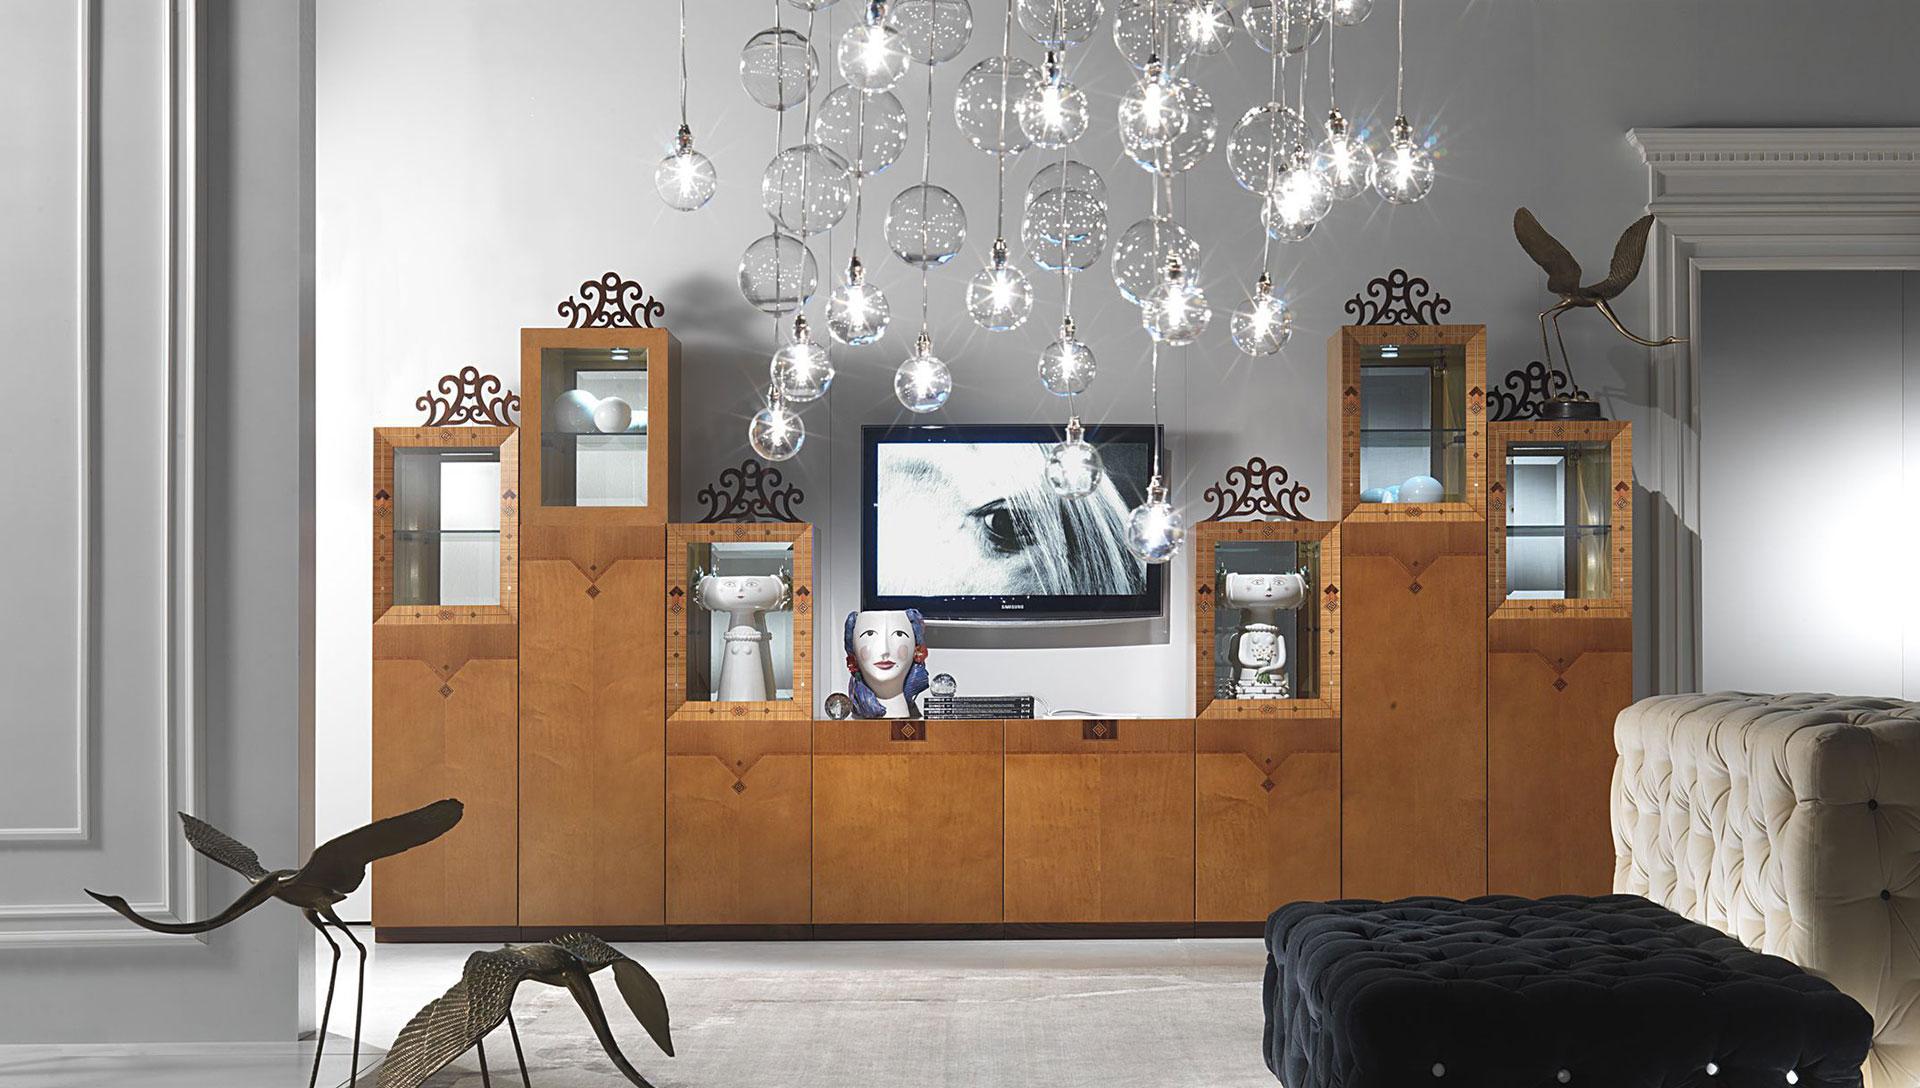 zona-living-1-arredamenti-comodus-arredamenti-nicoletti-interni-interior-design-divani-complementi-arredo-mobili-design-accessori-matera